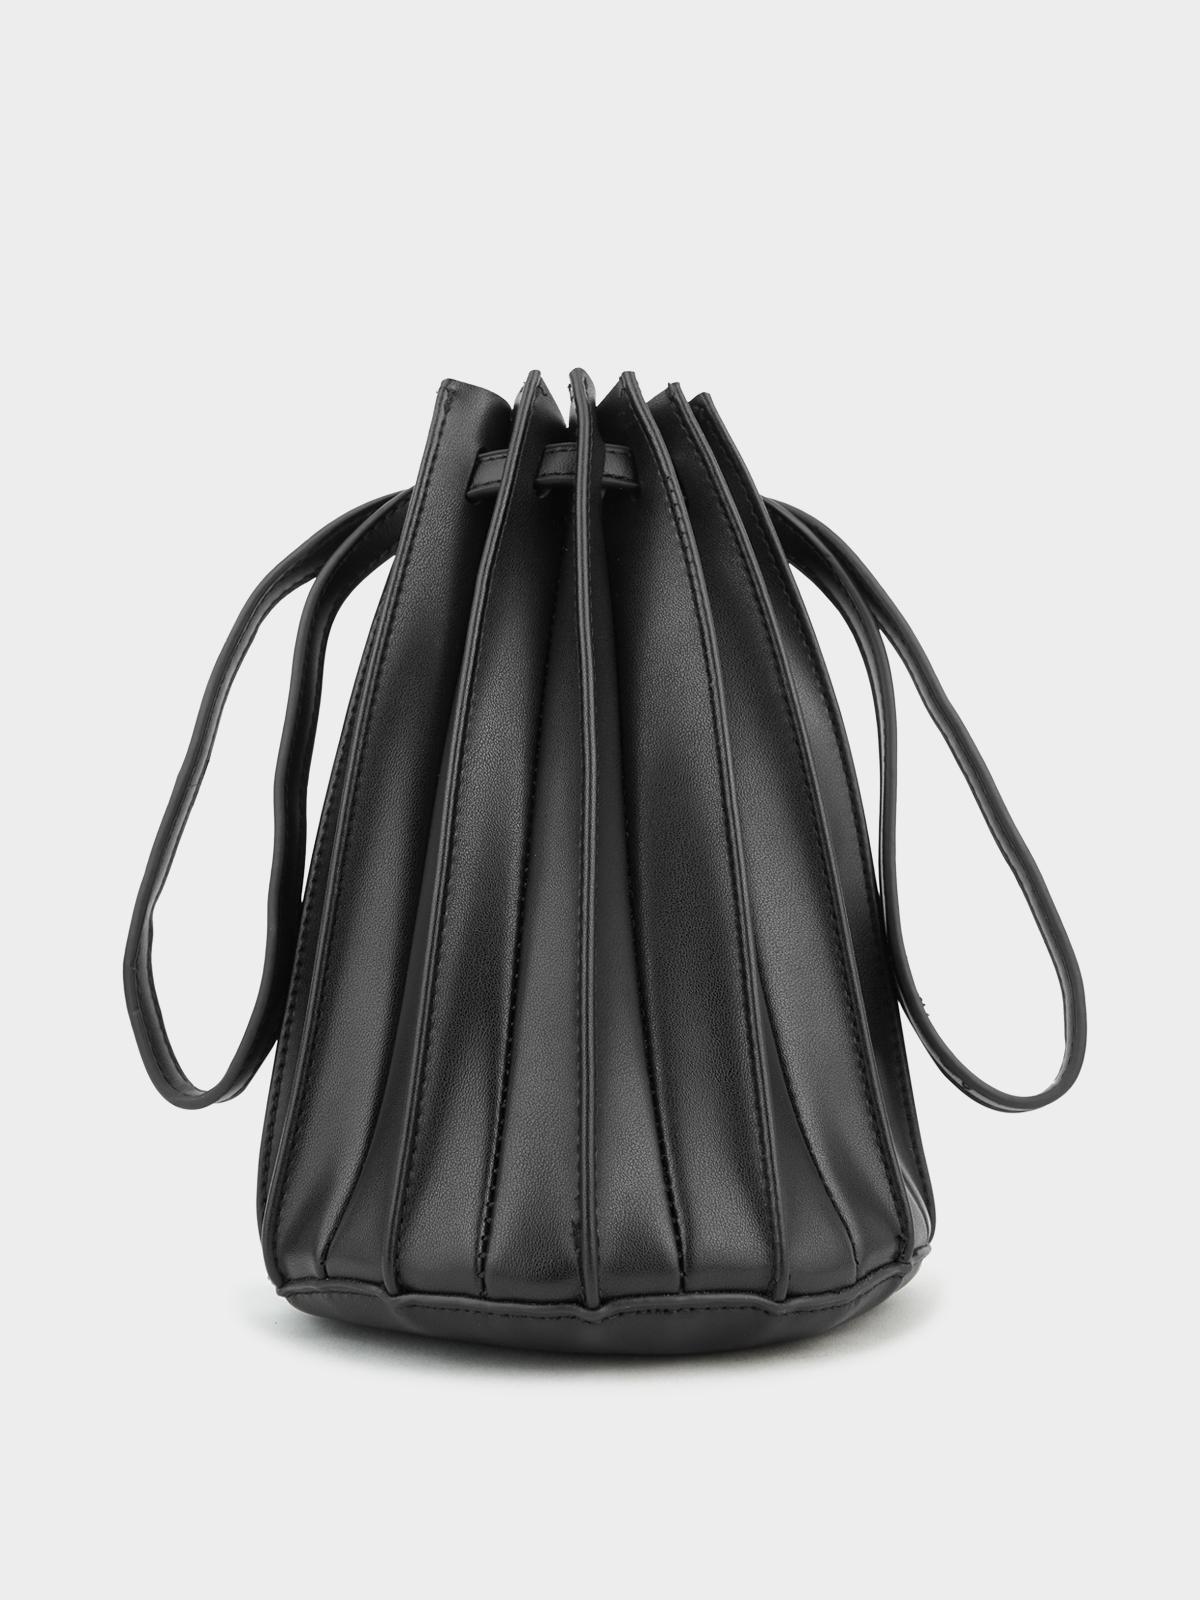 Pleated Leather Handbag Black